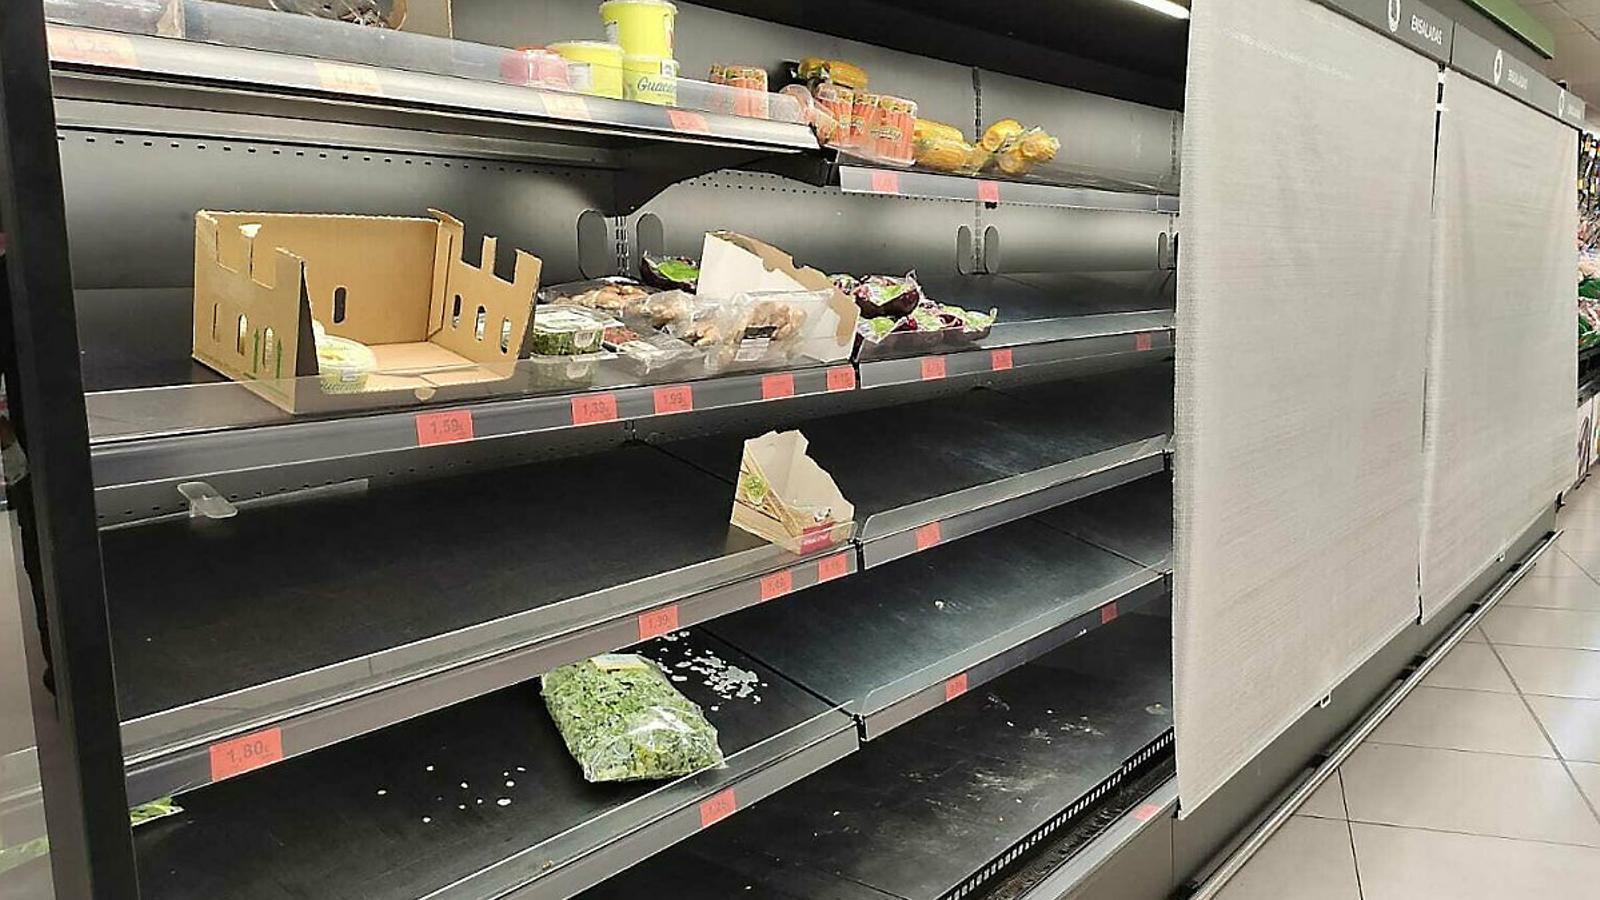 Alarma per la dependència alimentària de les Illes Balears